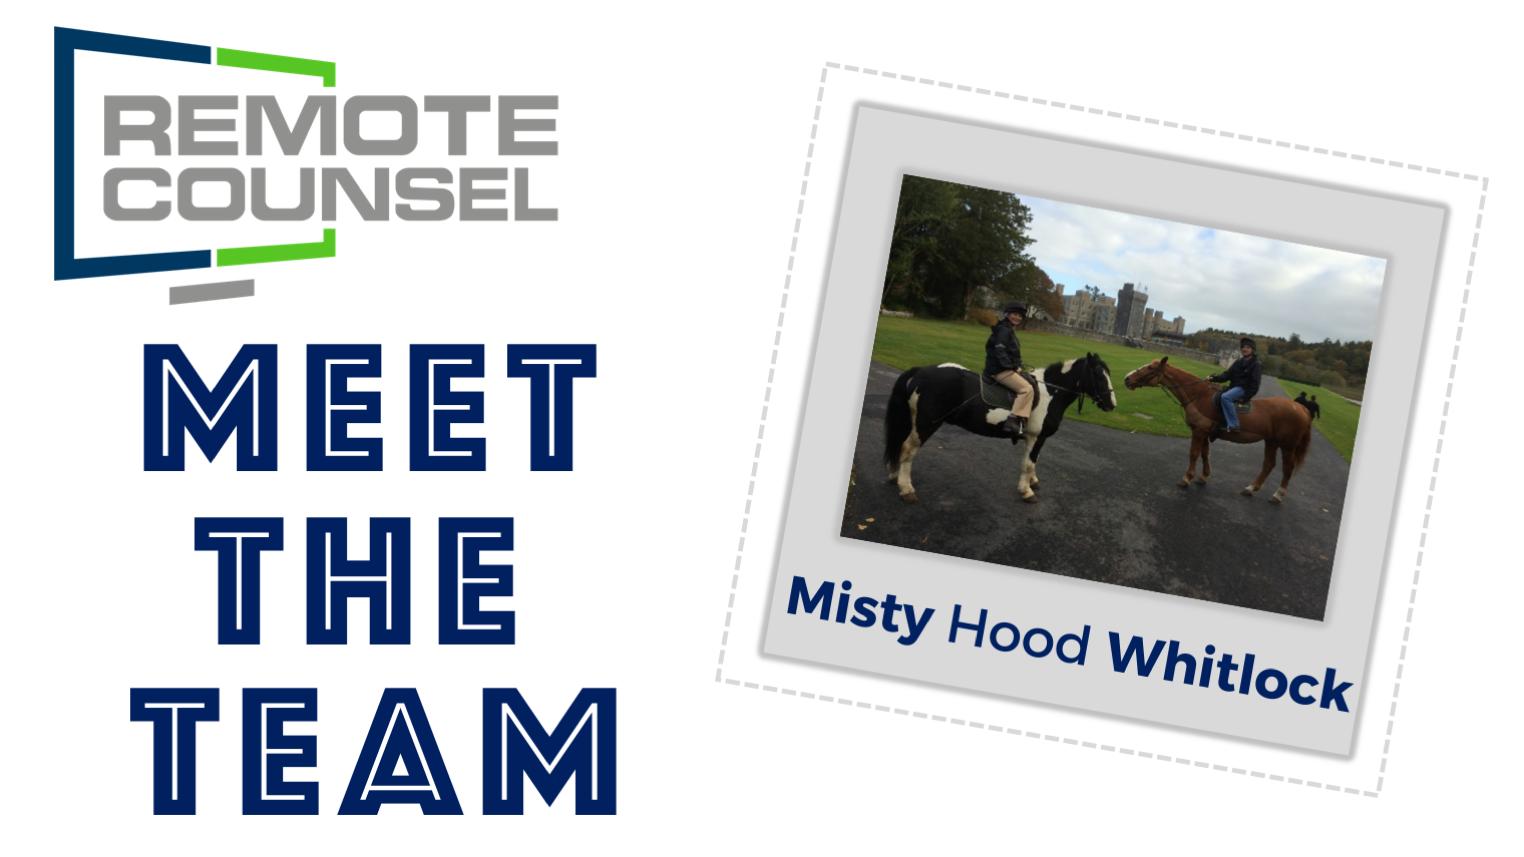 Meet_the_Team_-_Misty.png